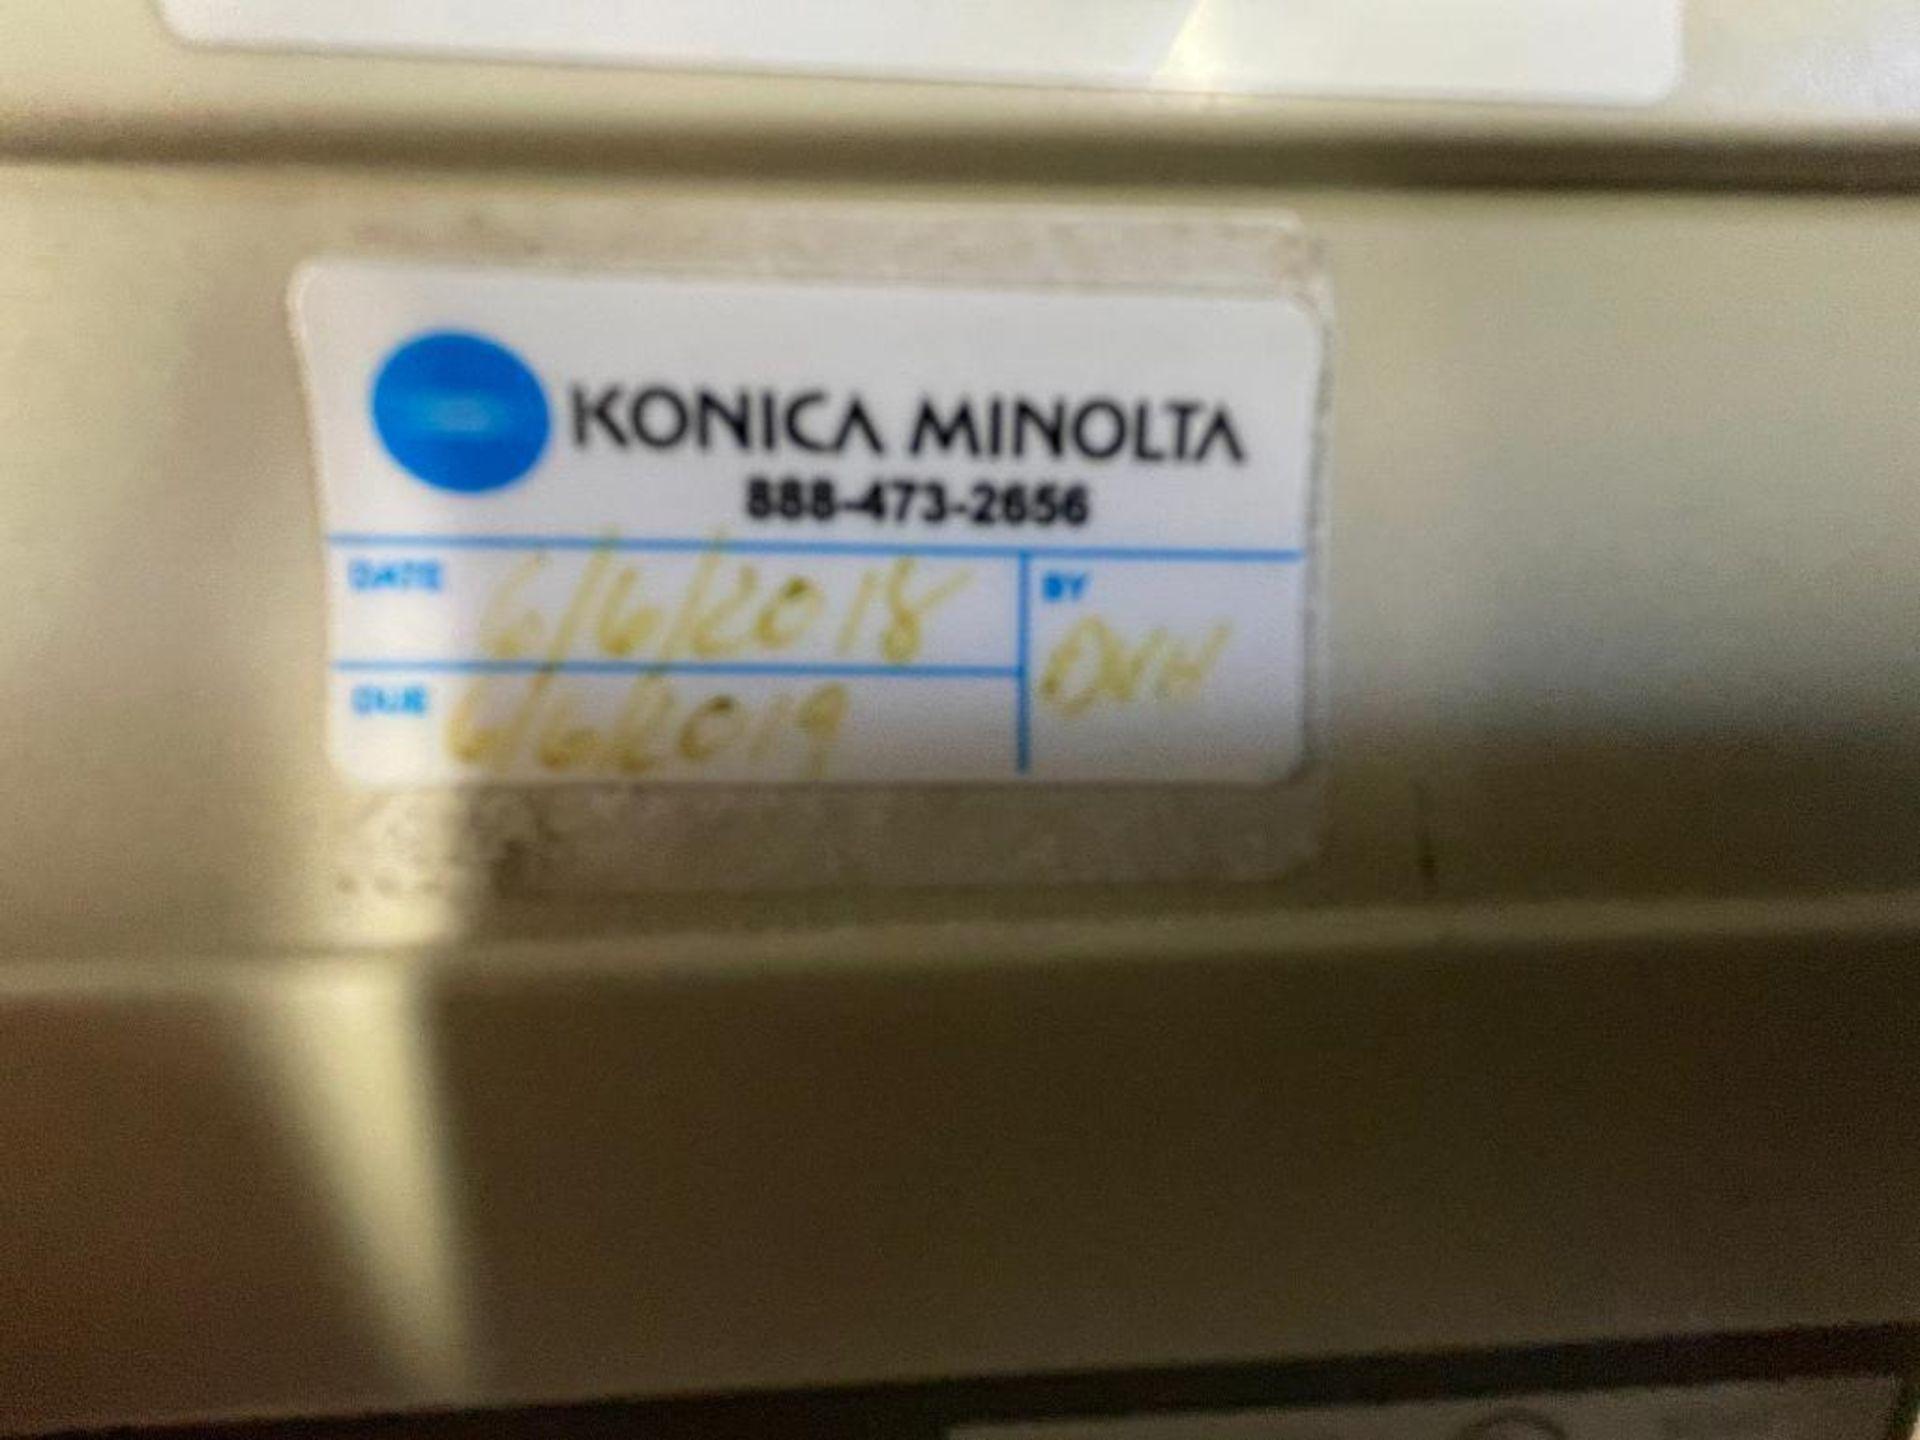 Konica colorimeter - Image 5 of 7